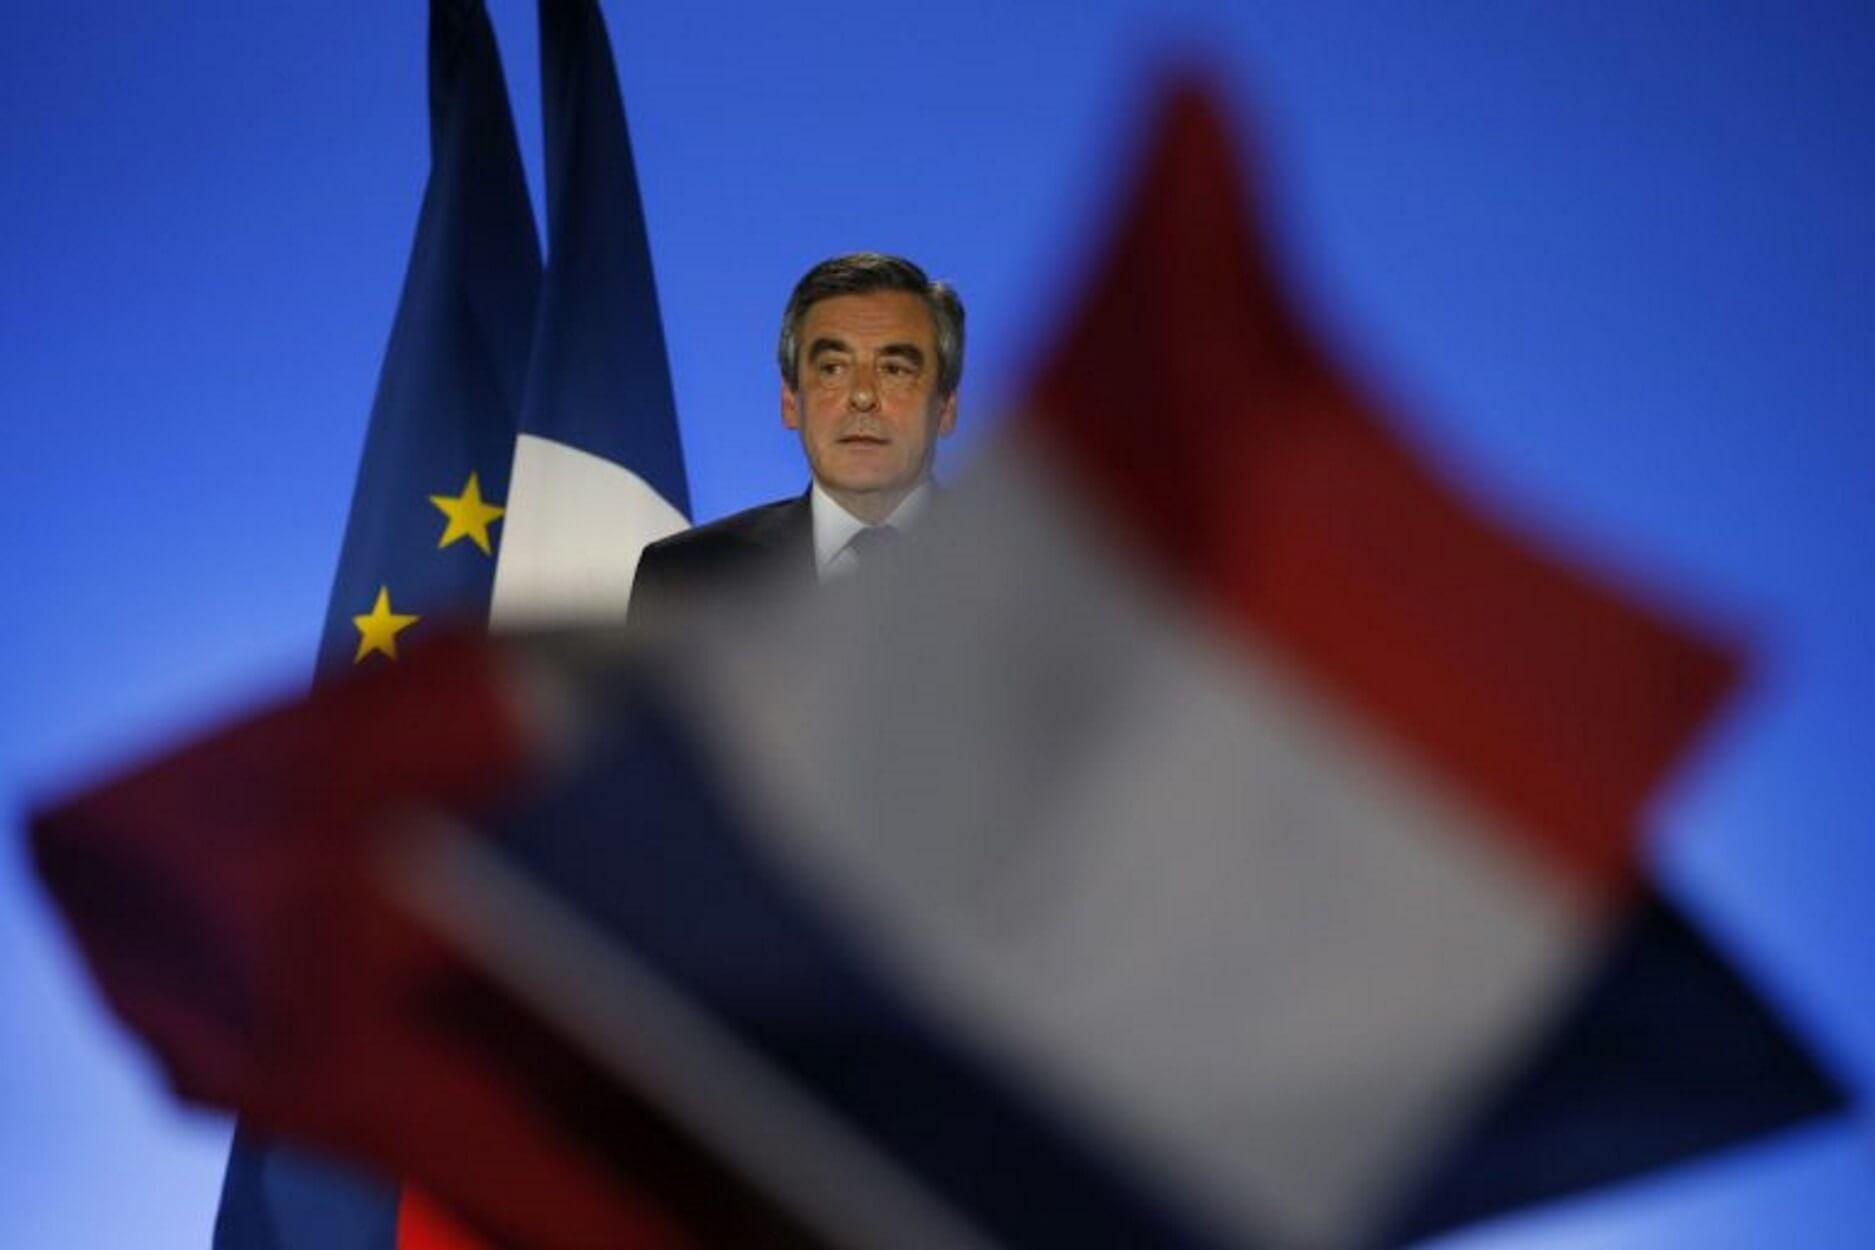 Παρίσι: Στο εδώλιο πρώην πρωθυπουργός και η σύζυγός του!